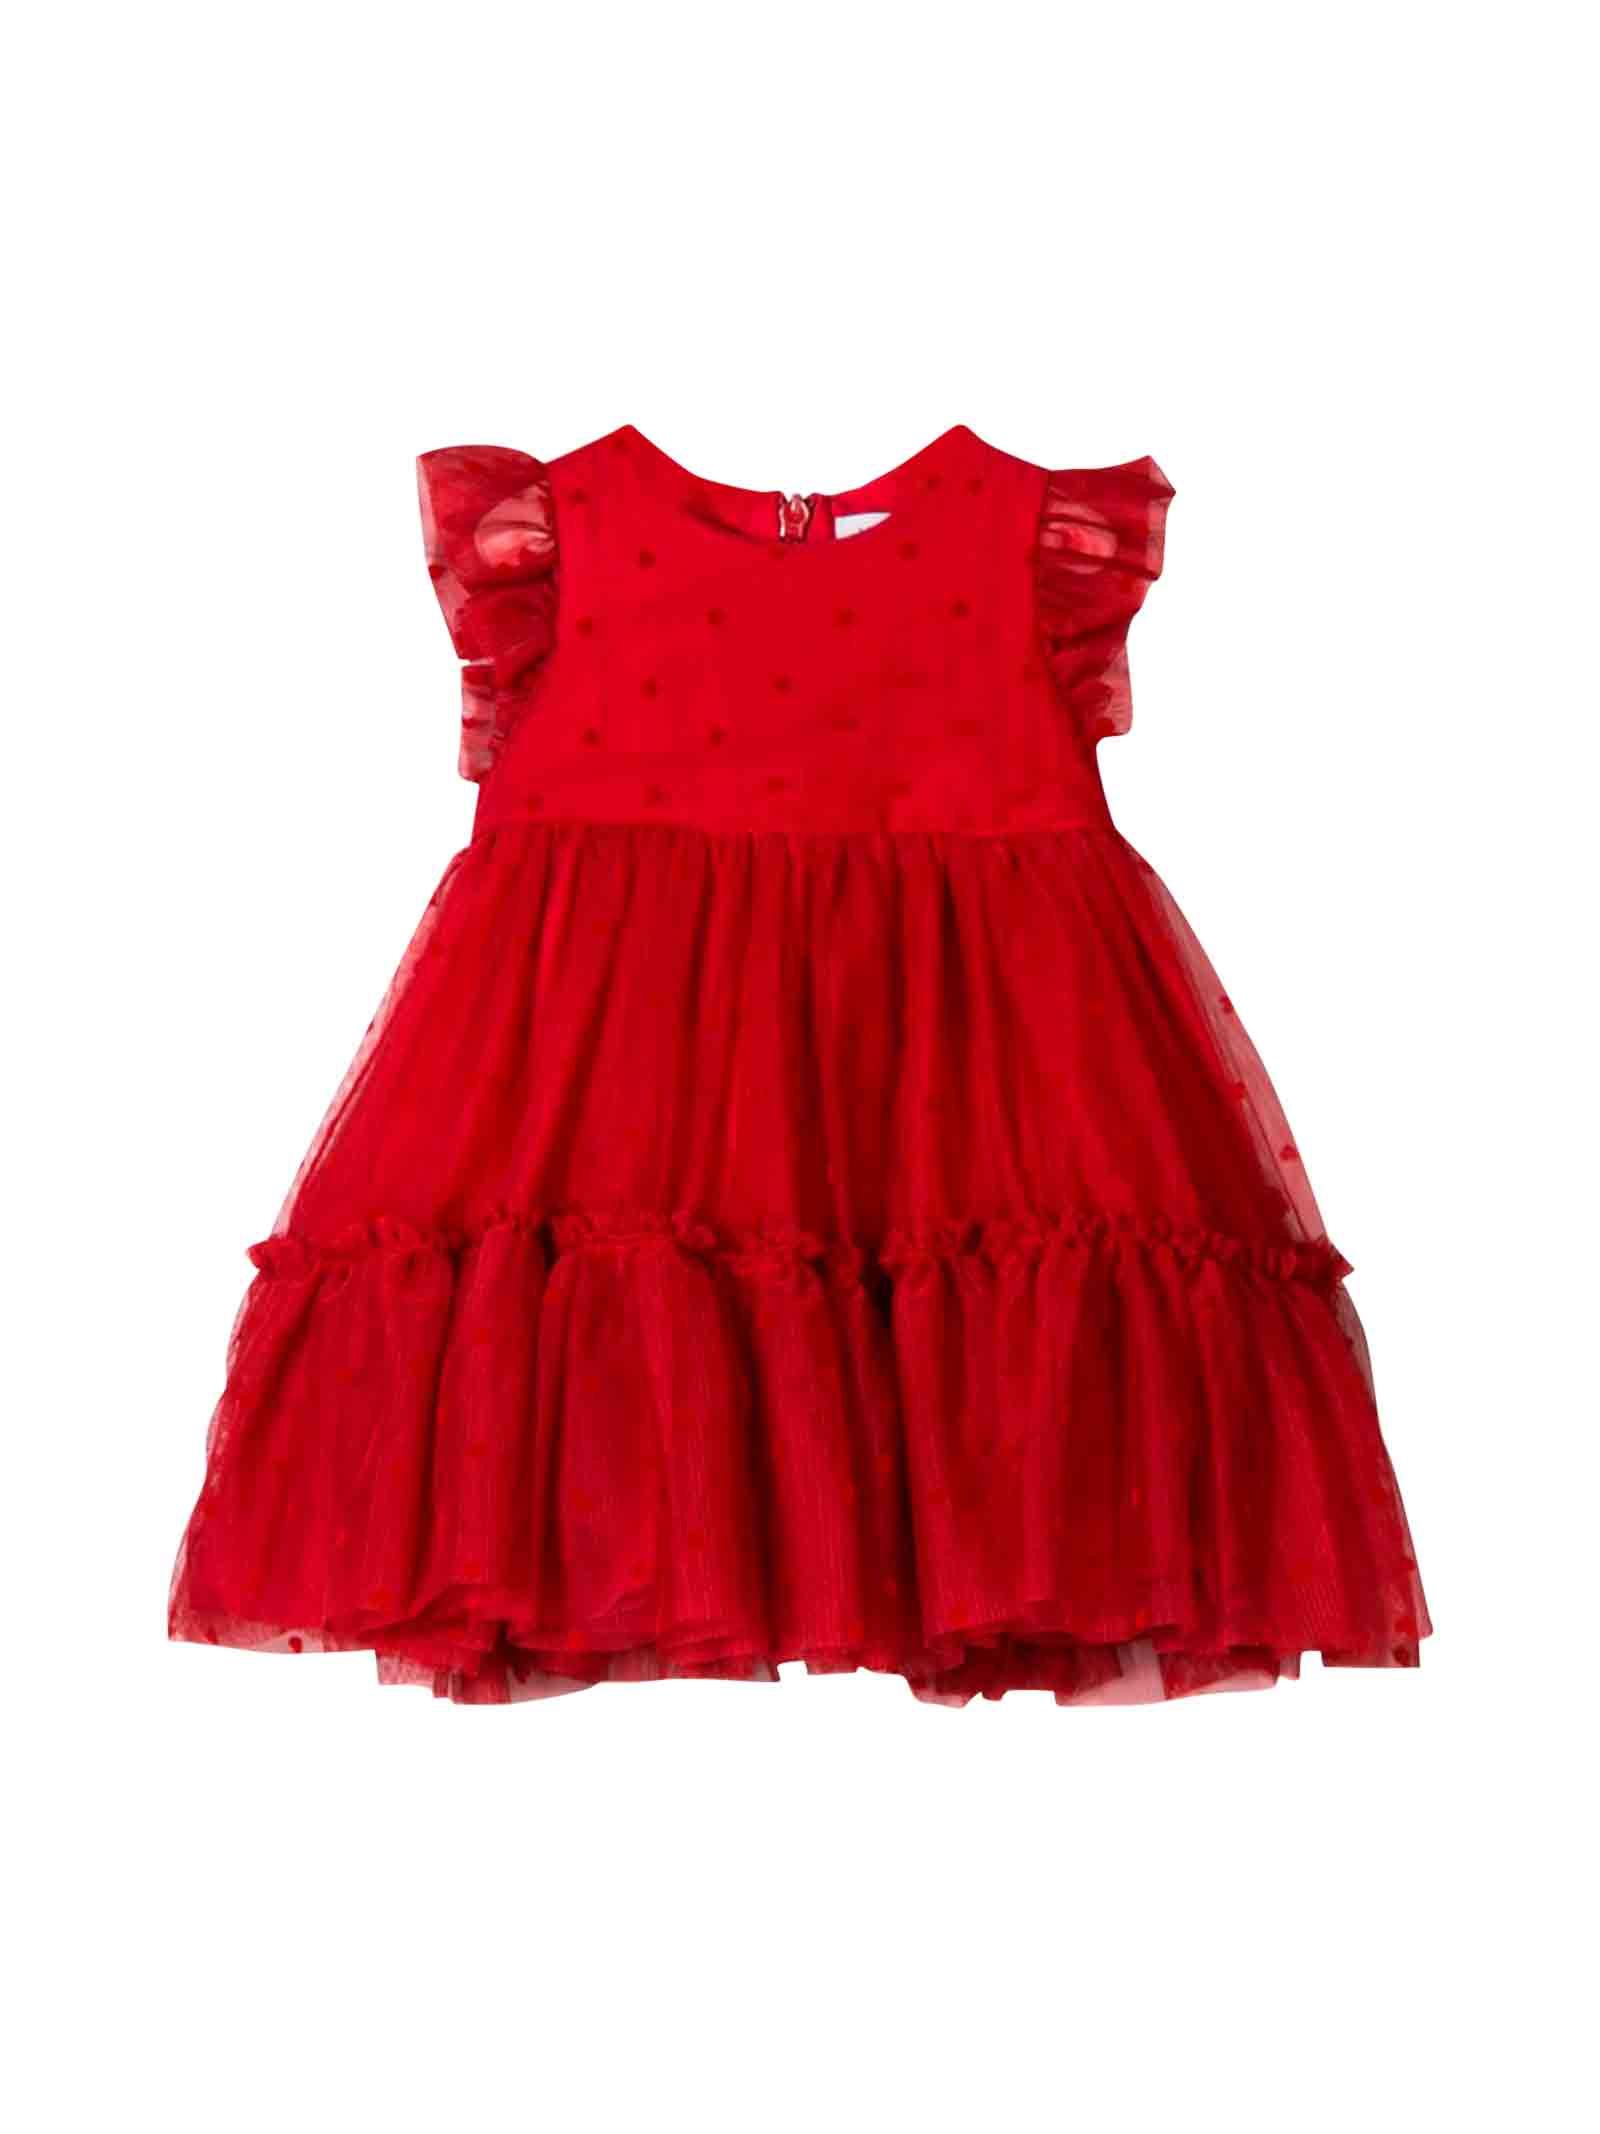 best service da581 ed4e6 Abito rosso neonata Monnalisa kids